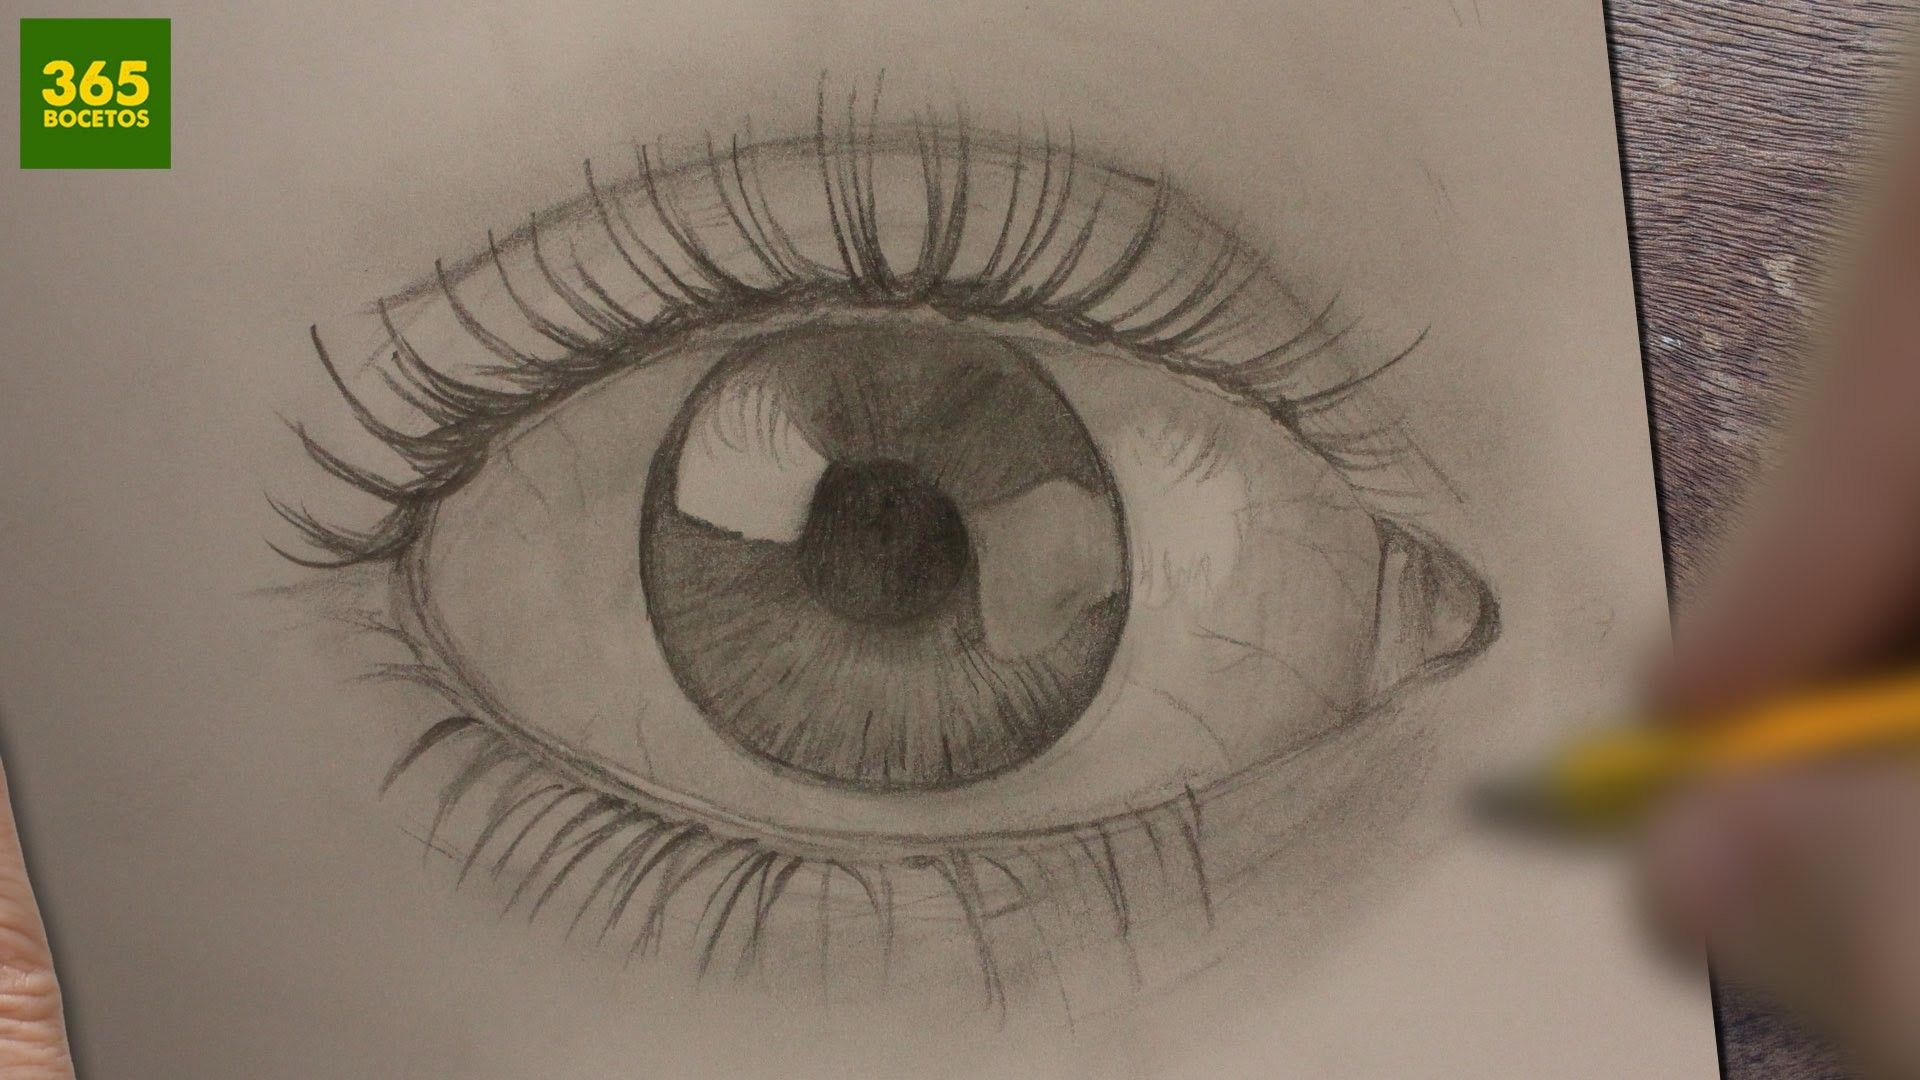 Como Dibujar Ojos Realistas A Lapiz Paso A Paso Dibujos Faciles How To Draw Eyes Dibujos De Ojos Como Dibujar Ojos Ojo Realista